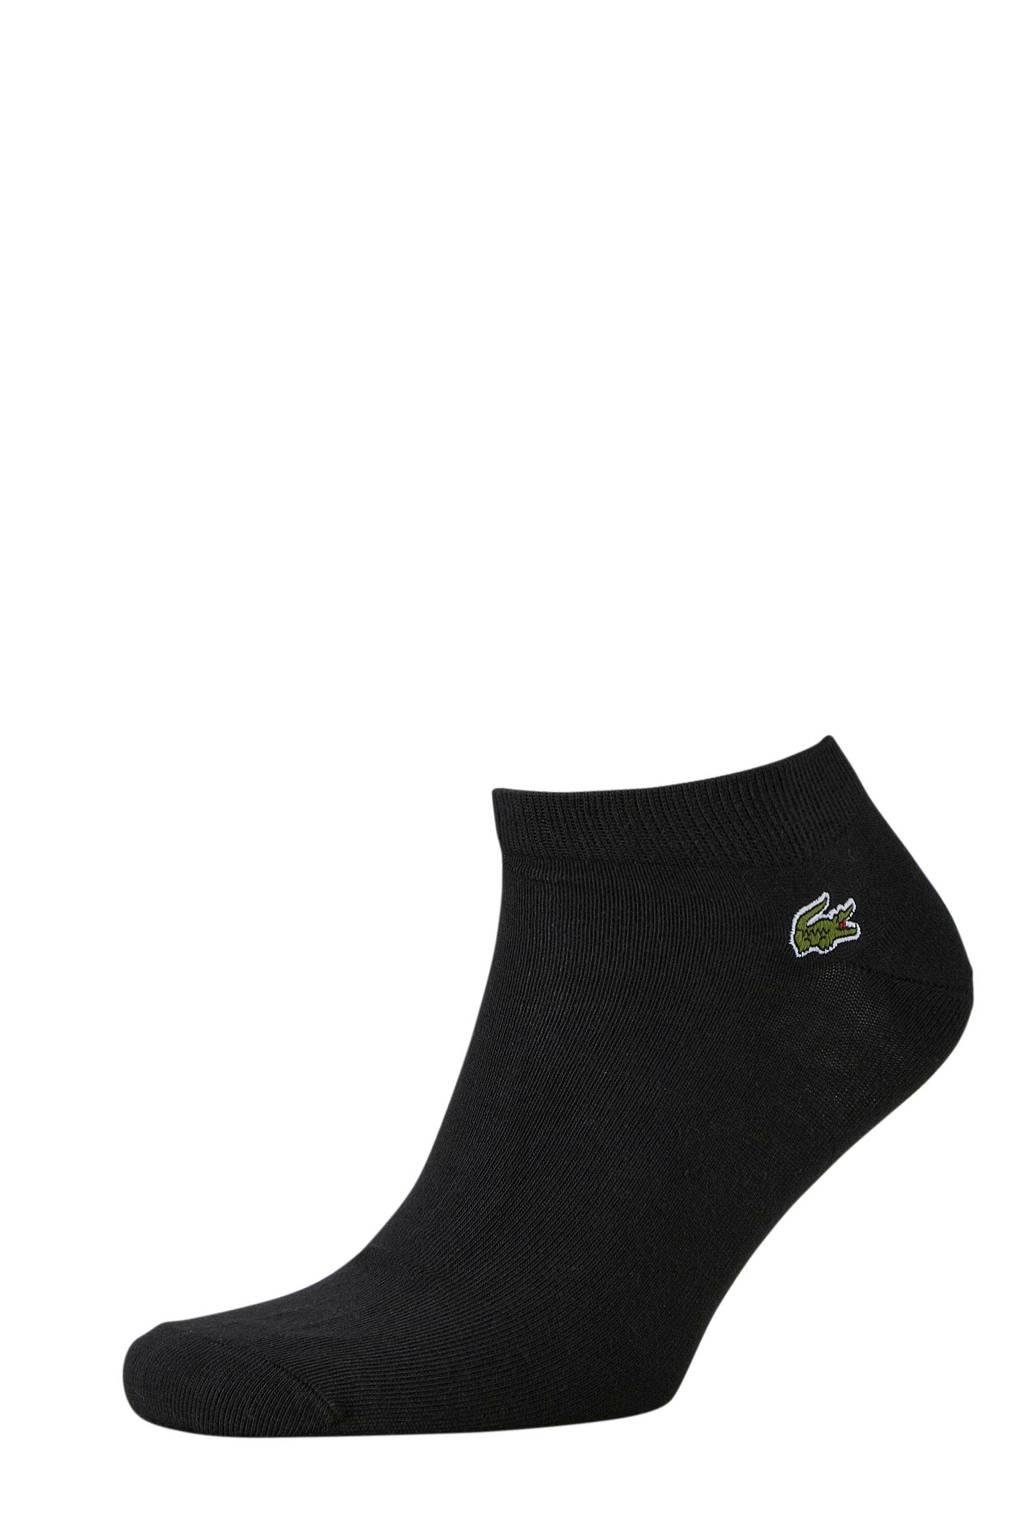 Lacoste   sneakersokken (3 paar) zwart, Zwart